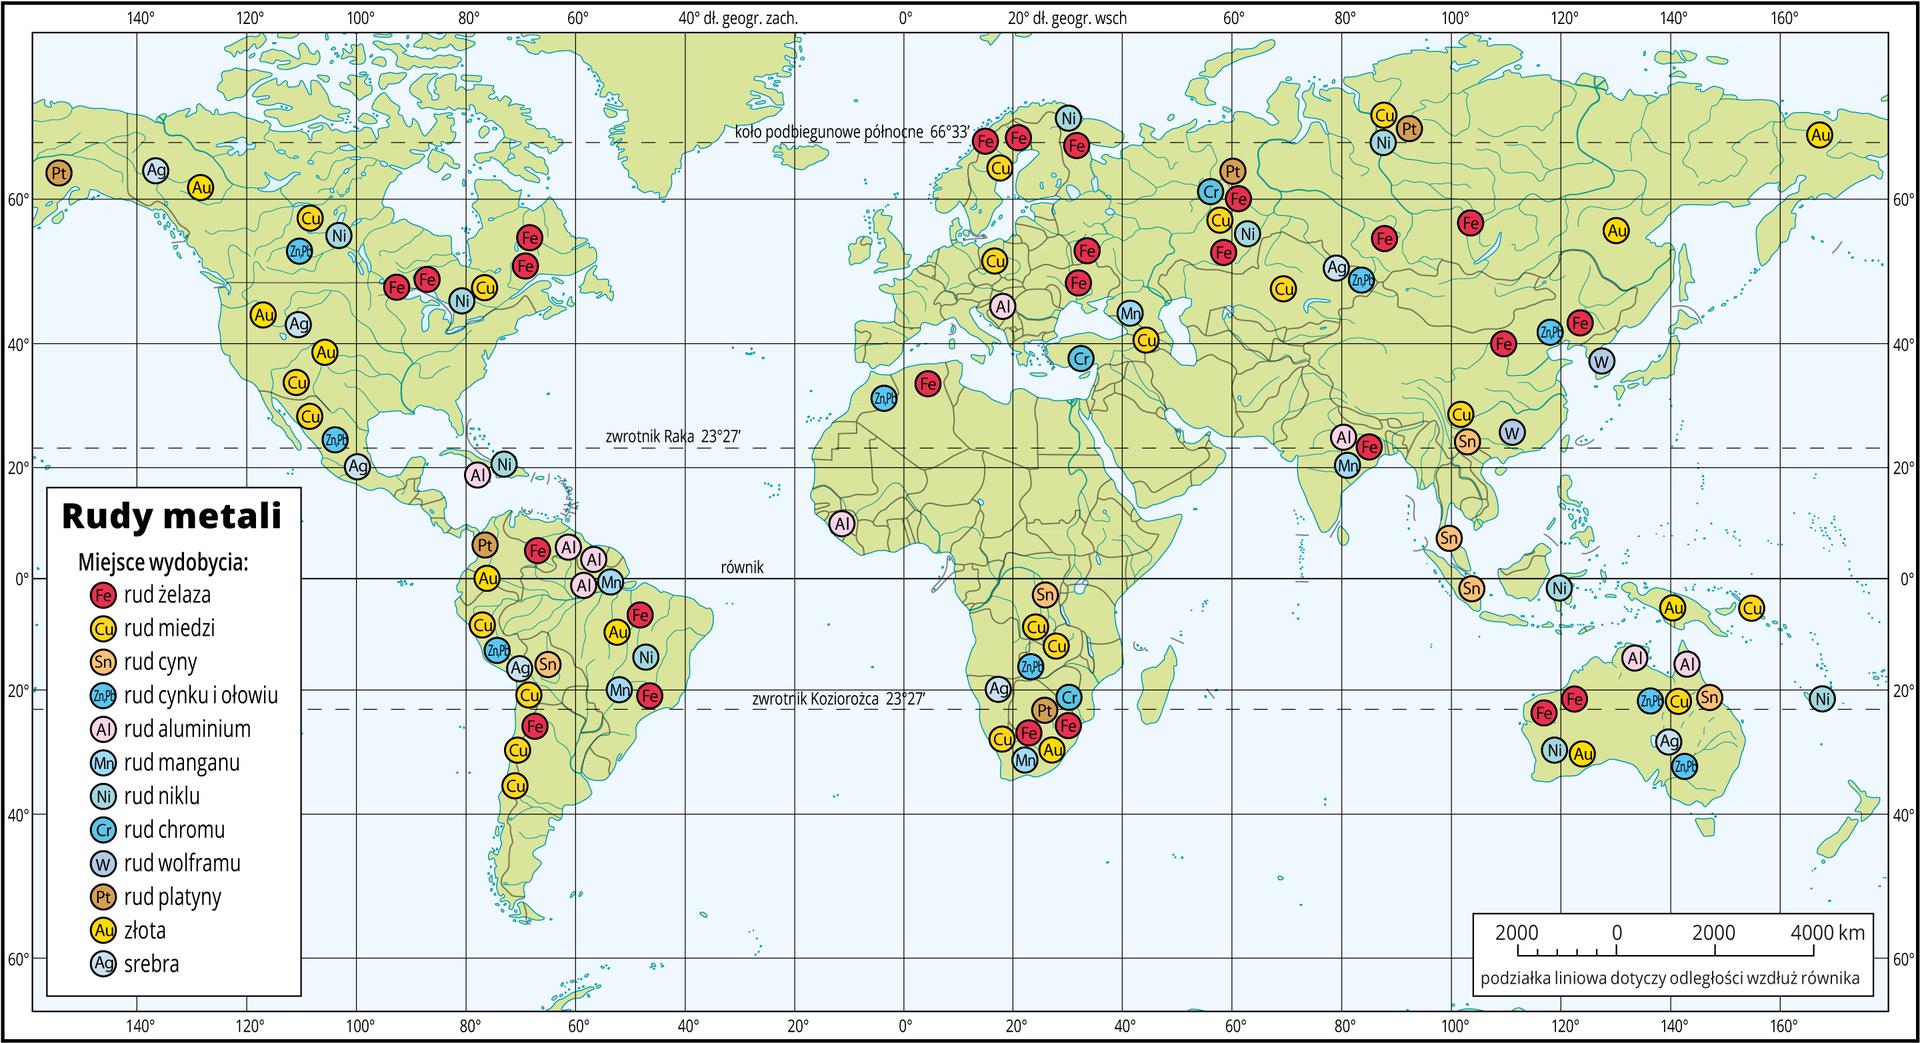 Ilustracja przedstawia prostokątną mapę świata. Kontynenty oznaczono kolorem zielonym, morza ioceany kolorem niebieskim. Na mapie jest siatka kartograficzna, gdzie południki irównoleżniki przecinają się pod kątami prostymi. Wokół mapy jest ramka, na której opisano wartości długości iszerokości poszczególnych południków irównoleżników. Siatka opisana jest co dwadzieścia stopni. Na mapie niebieskimi liniami oznaczone są rzeki, niebieskimi powierzchniami jeziora, szarymi liniami granice pomiędzy państwami. Na wszystkich kontynentach rozrzucone są kolorowe kółeczka zopisanymi wśrodku symbolami metali, np. Fe – żelaza, Cu – miedzi, Au – złota. Kółeczka te to sygnatury oznaczające występowanie rud danego metalu. Wlewym dolnym rogu znajduje się legenda objaśniająca, co która sygnatura oznacza. Na górze legendy jest tytuł mapy: Rudy metali. Wprawym dolnym rogu jest podziałka liniowa pokazująca odcinki co dwa tysiące kilometrów. Przy podziałce jest uwaga: podziałka liniowa dotyczy odległości wzdłuż równika.